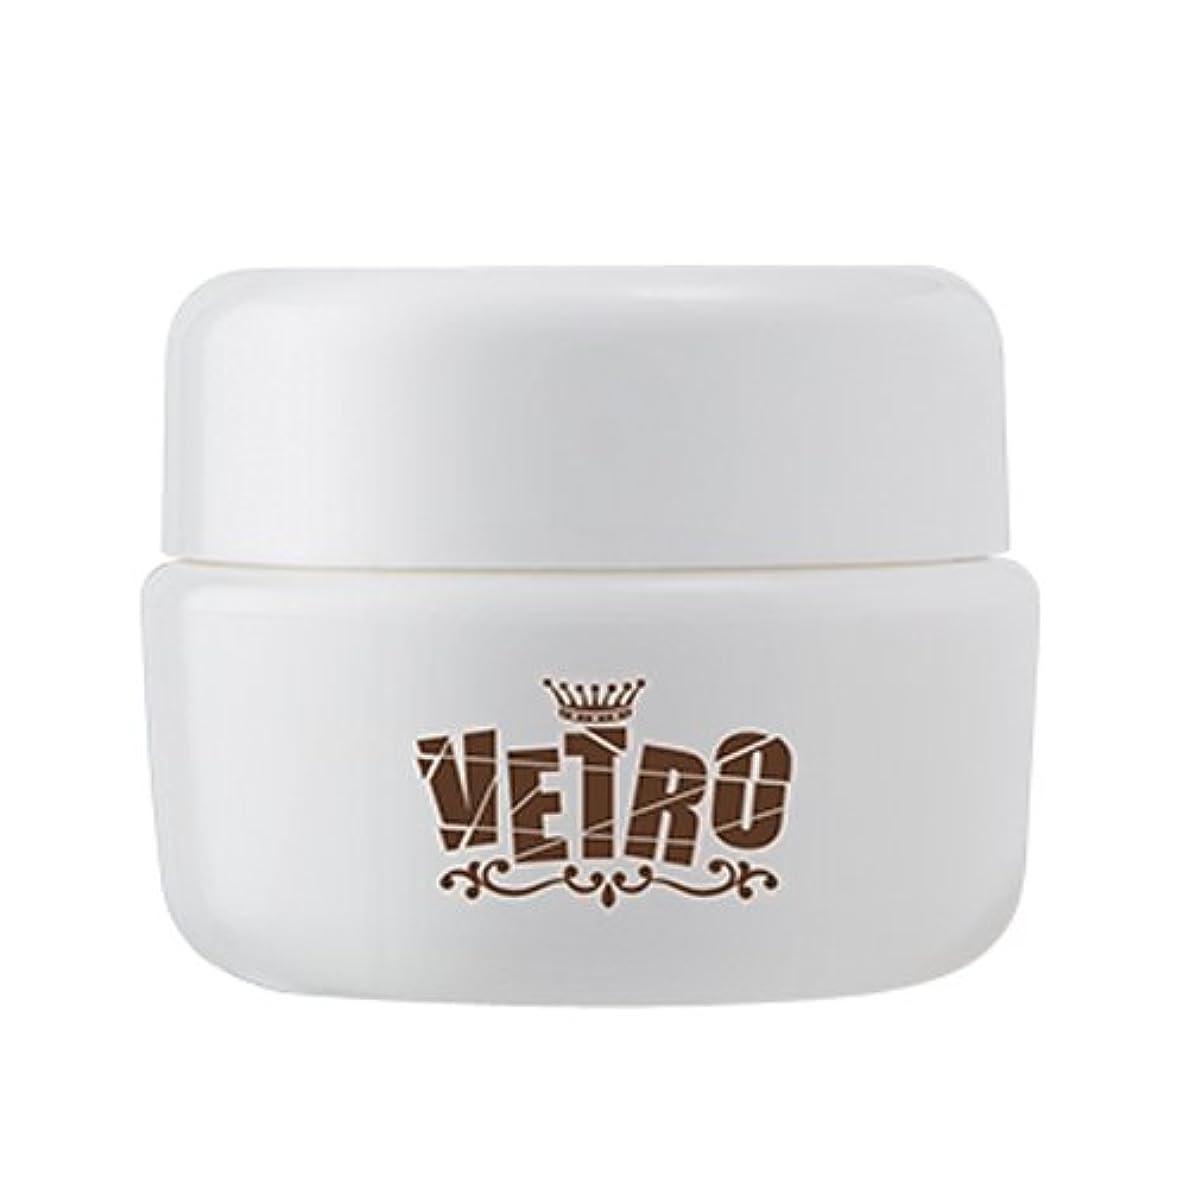 適用する息切れ配送VETRO ベトロ NO.19 カラージェル 4ml VL176シャイニーレッド